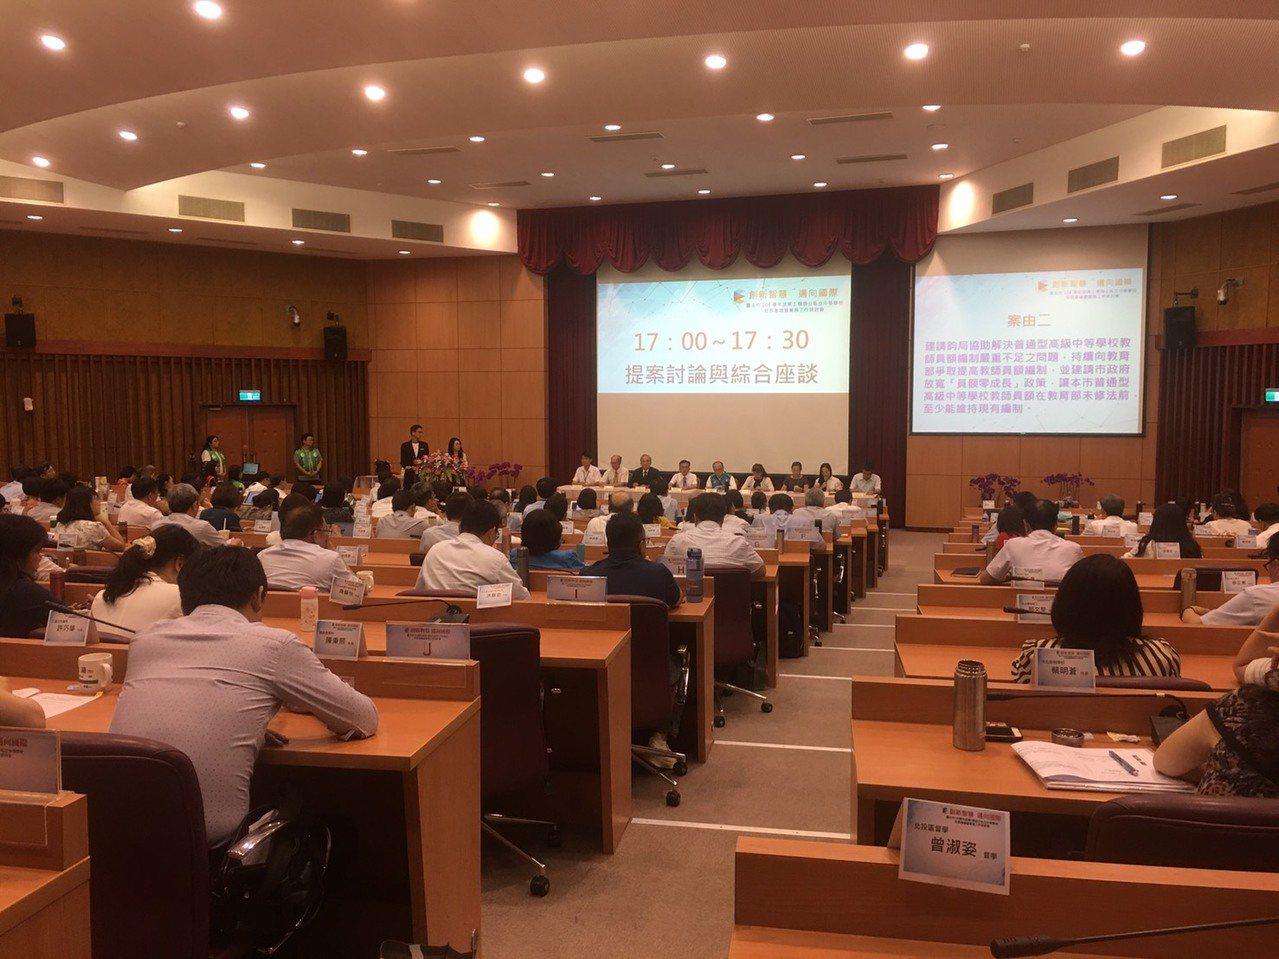 台北市中等學校校長會議昨舉行,私校反映今年免試入學招生錄取狀況悽慘無比,盼加速公...